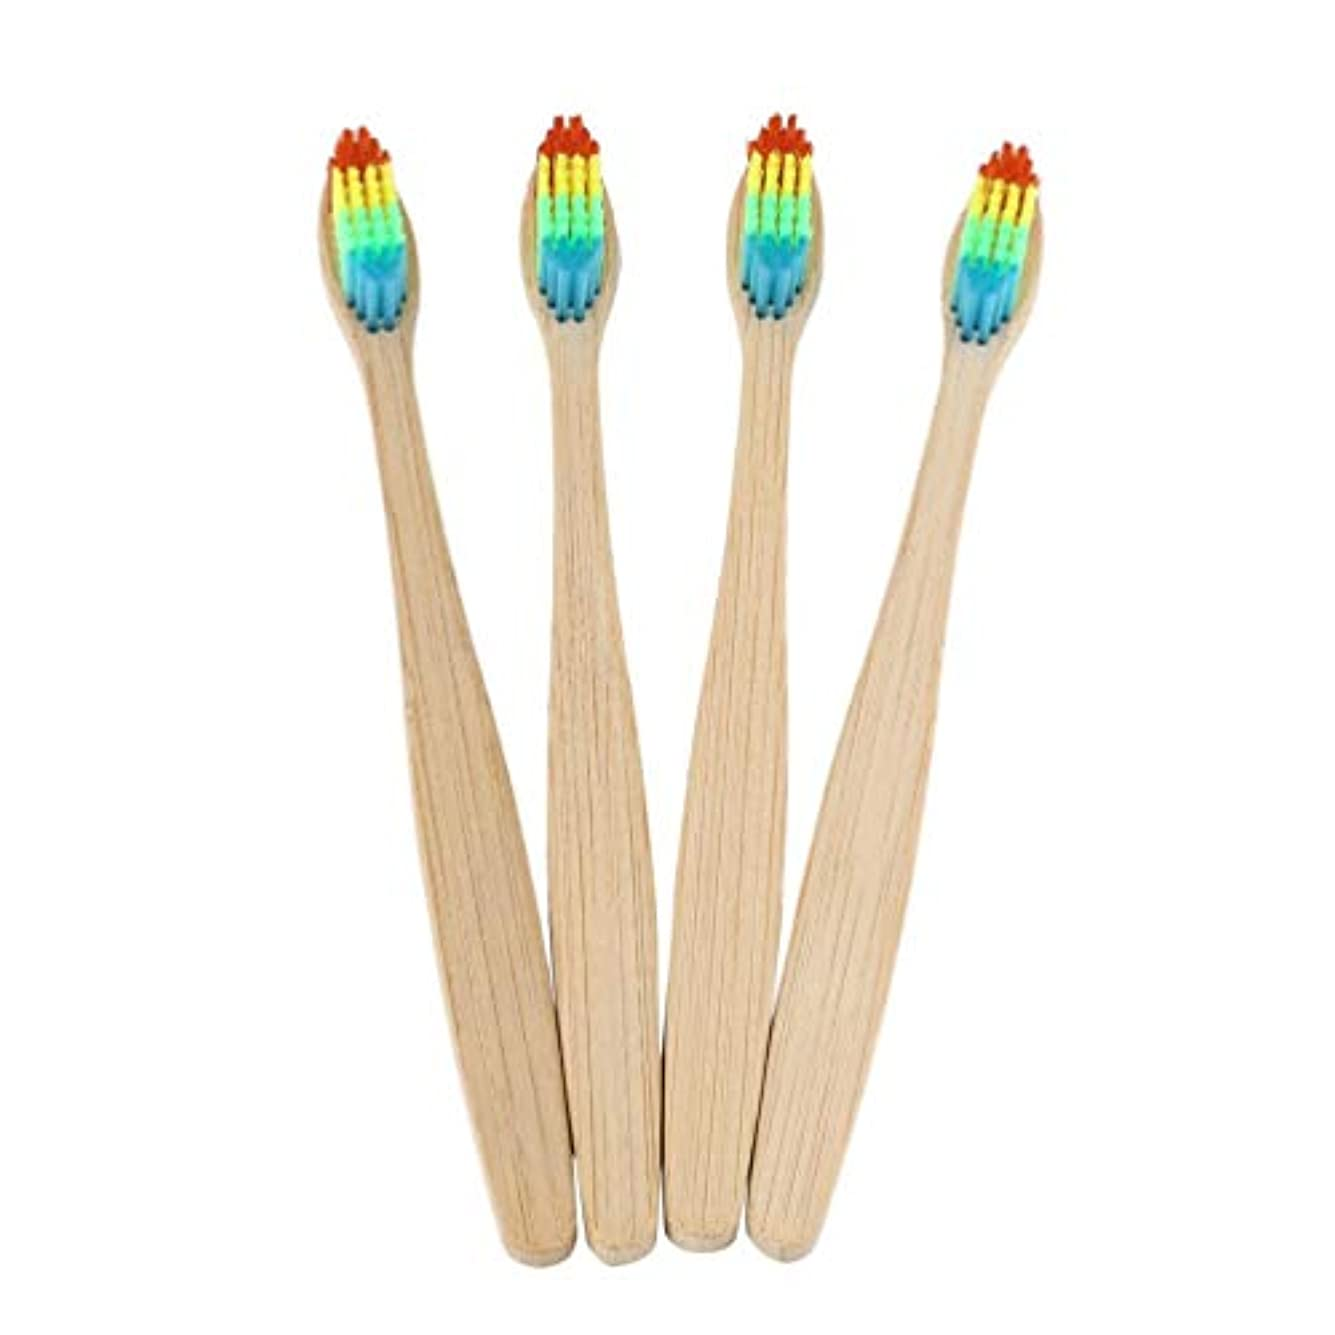 殺人流出戦艦カラフルな髪+竹のハンドル歯ブラシ環境木製の虹竹の歯ブラシオーラルケアソフト剛毛ユニセックス - ウッドカラー+カラフル